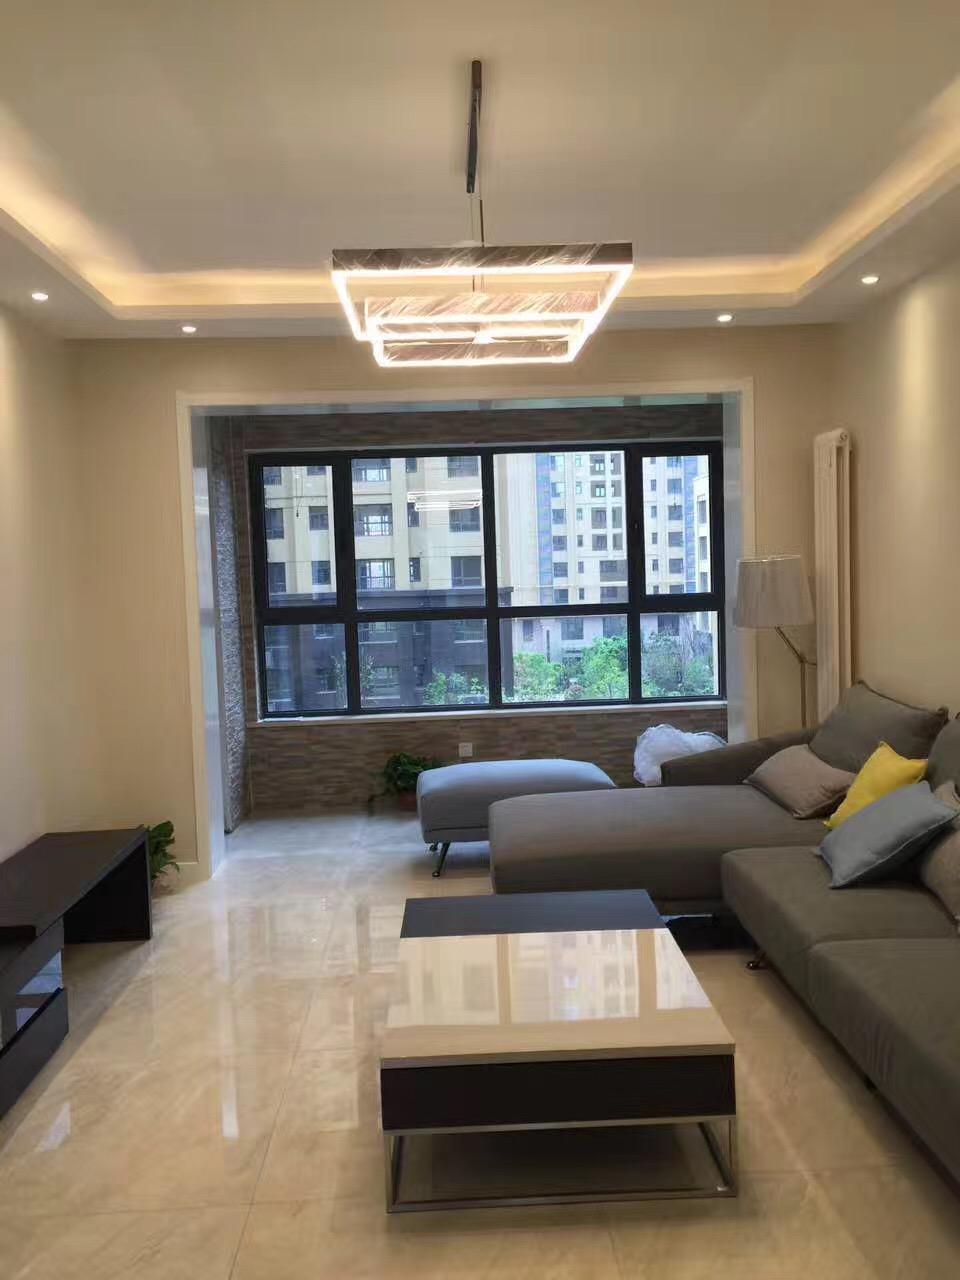 简约大气的客厅,配上适宜的家具,温馨简约的风格立马呈现出来。